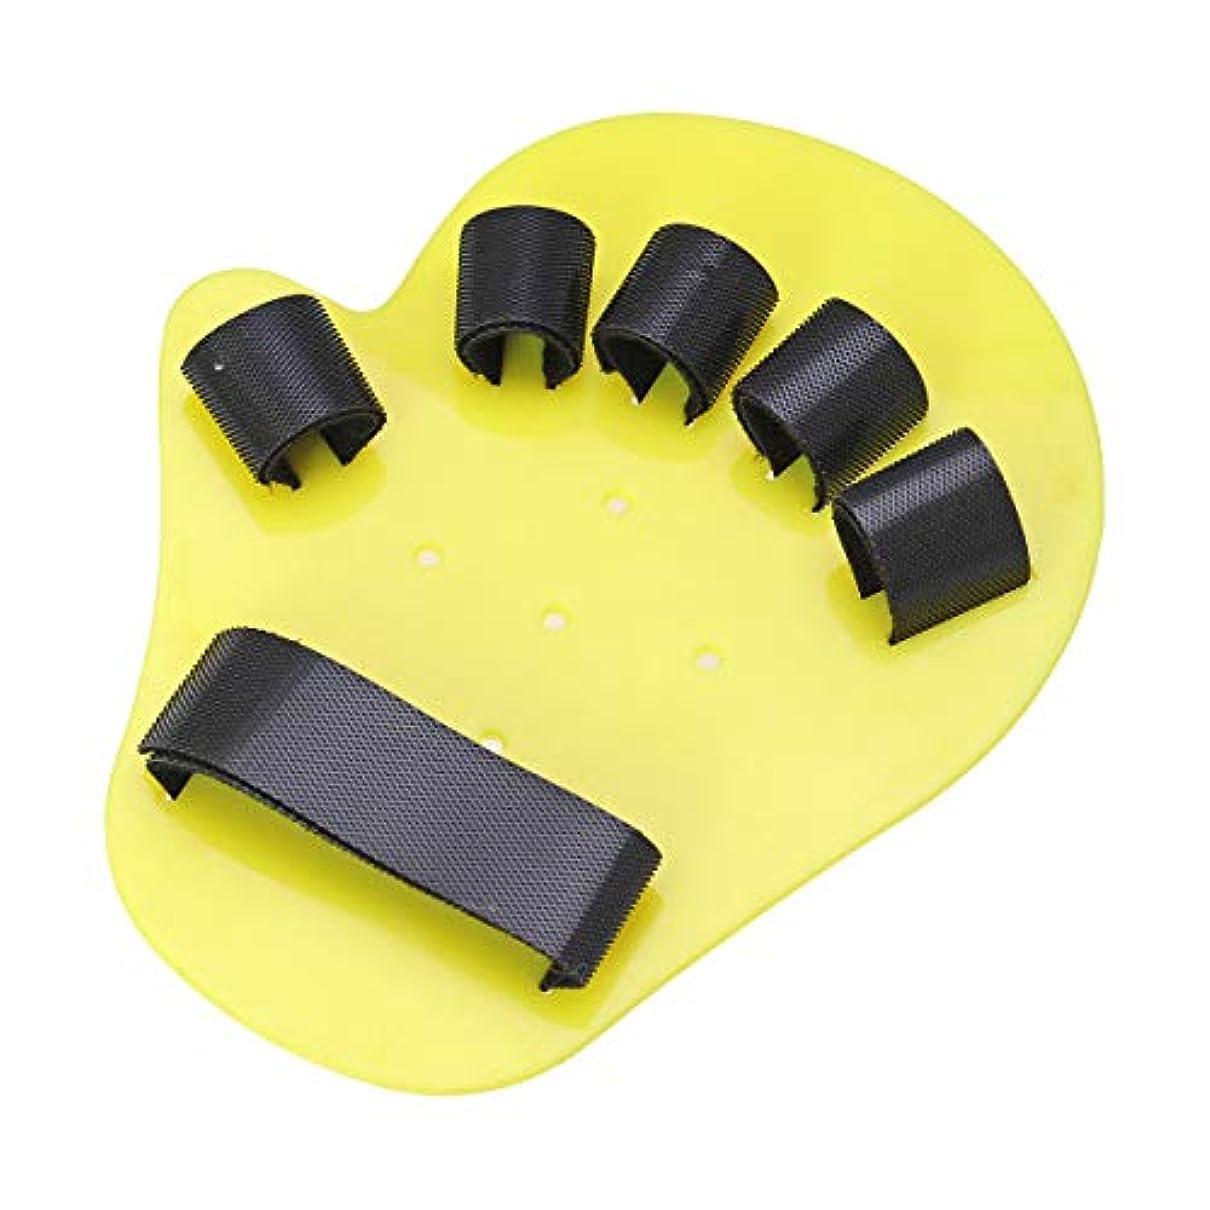 費用国歌先にSUPVOX 指の装具キッズ指トレーニングボード指副木指用脳卒中片麻痺5-10年